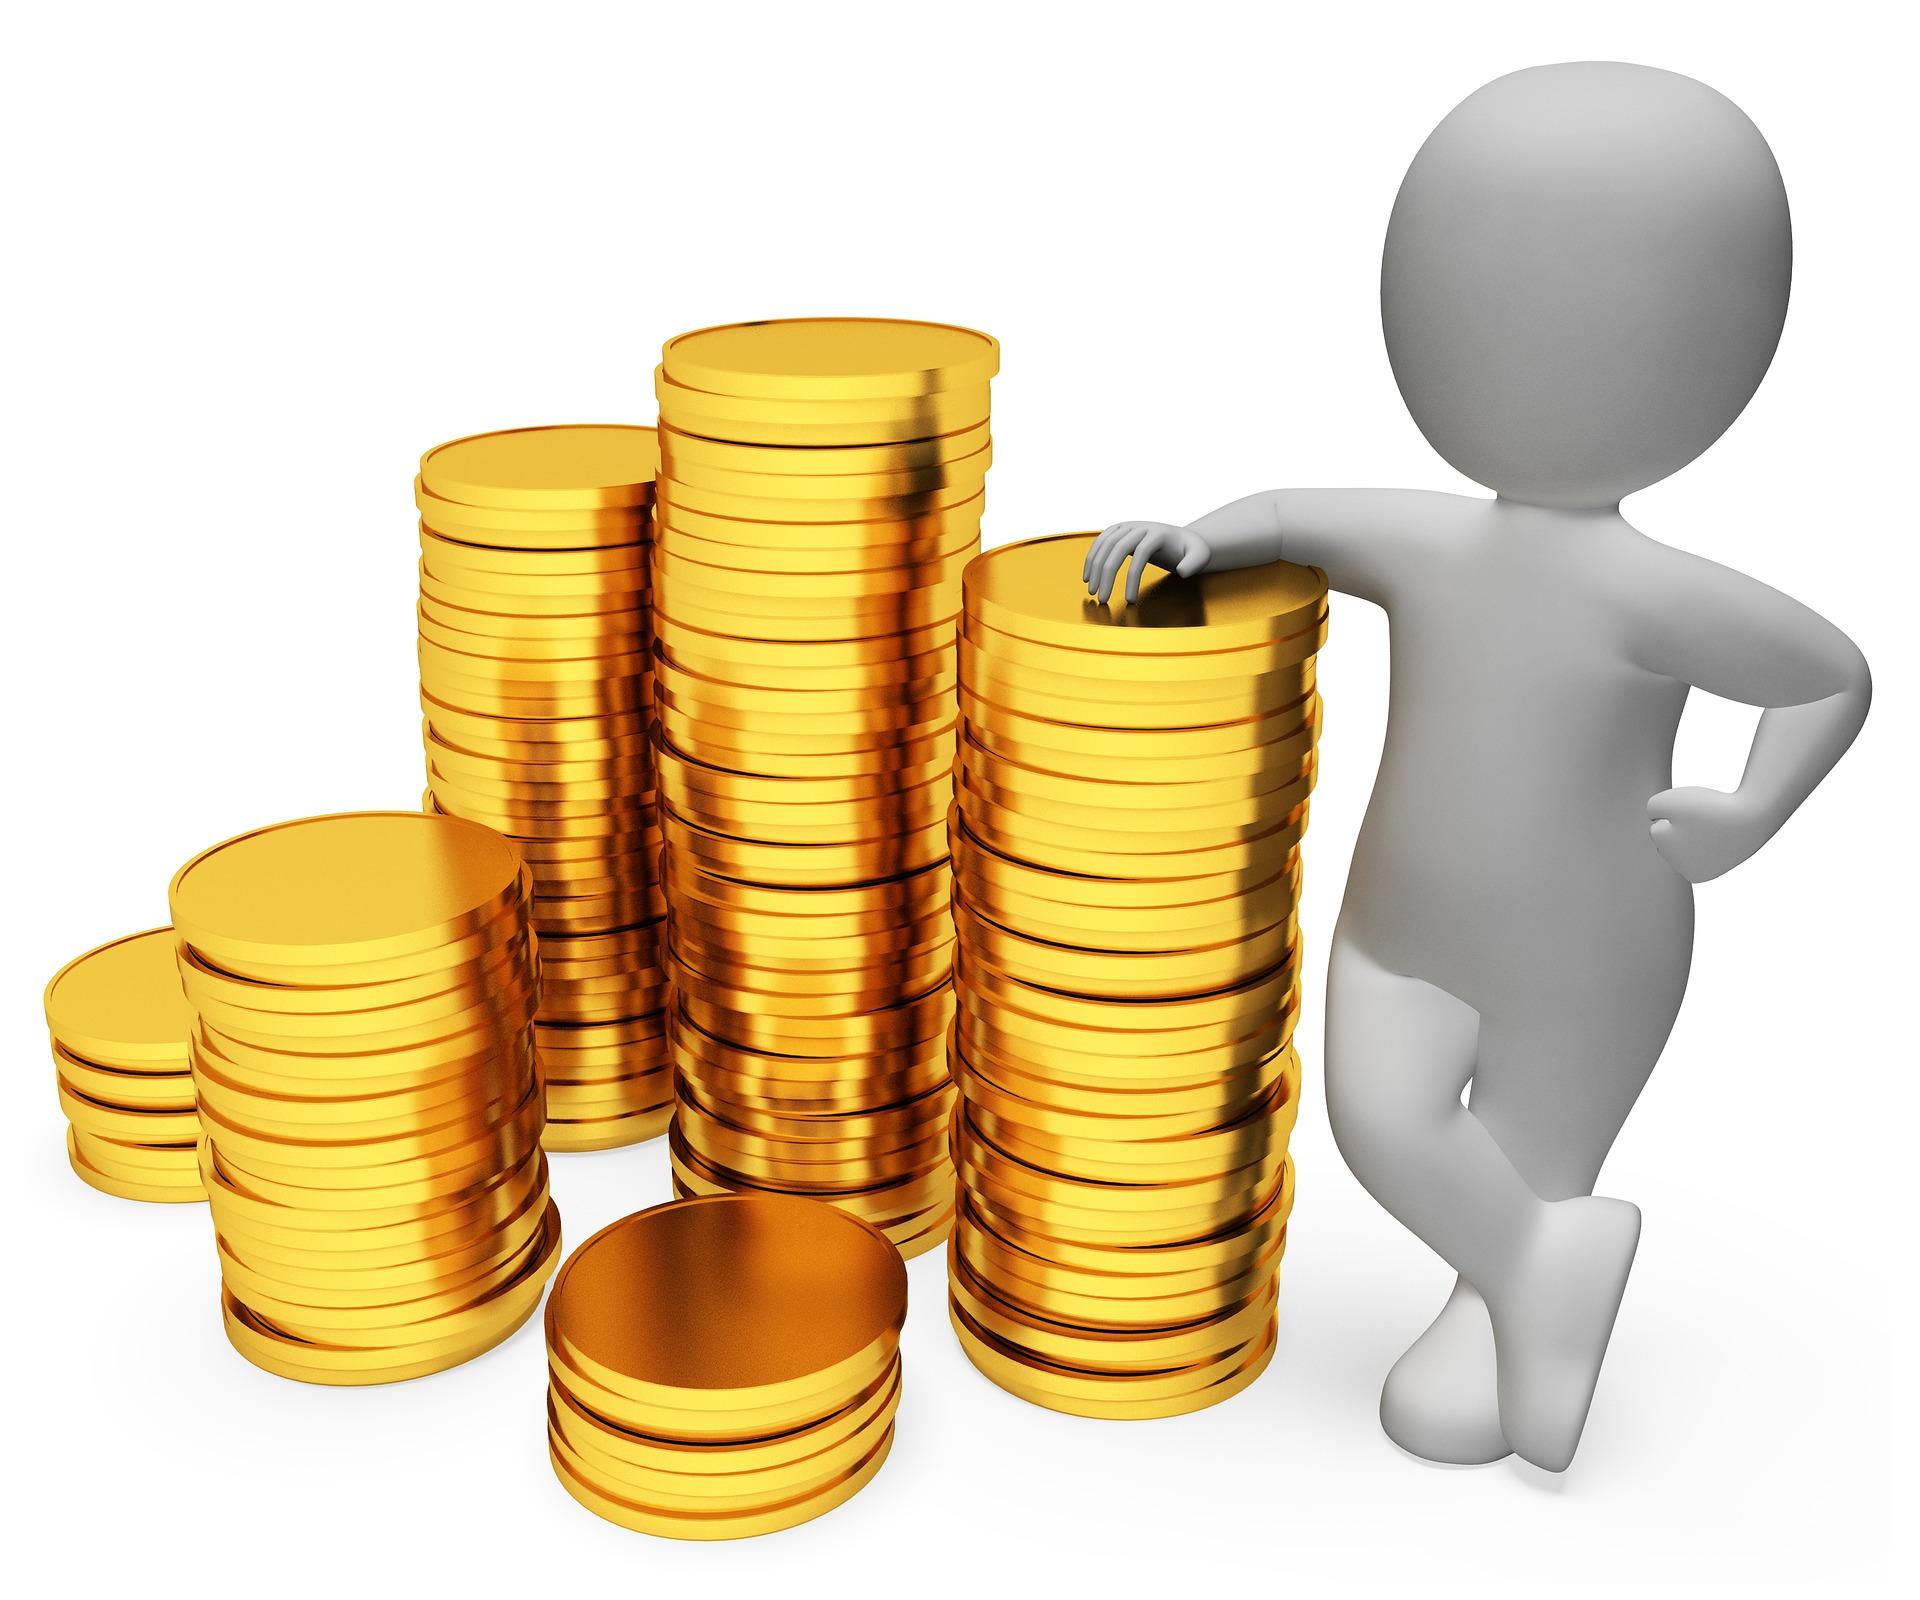 投資信託運用実践記